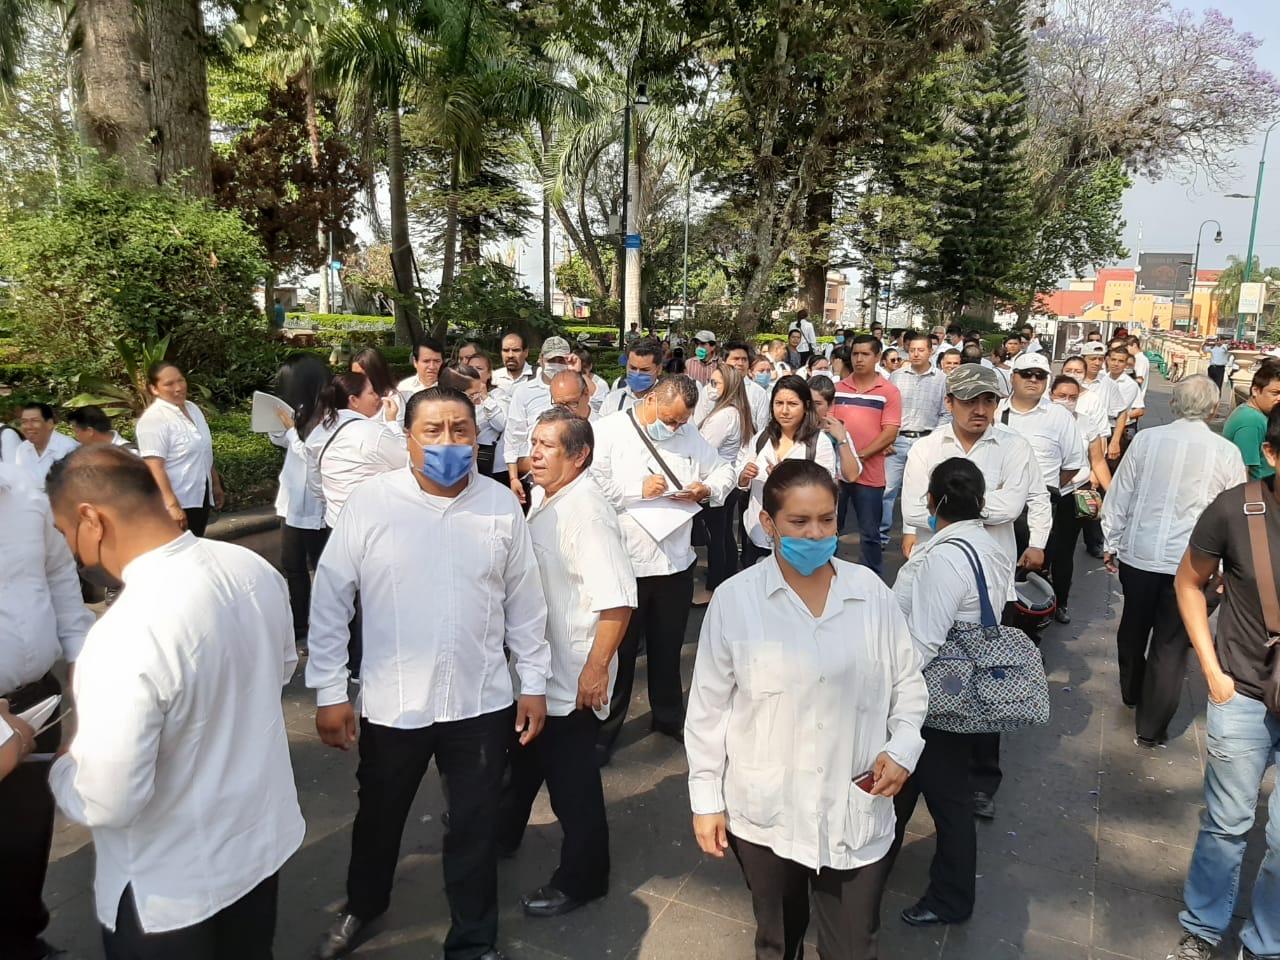 Meseros independientes piden apoyo del Estado, se perderían 10 mil empleos por emergencia sanitaria